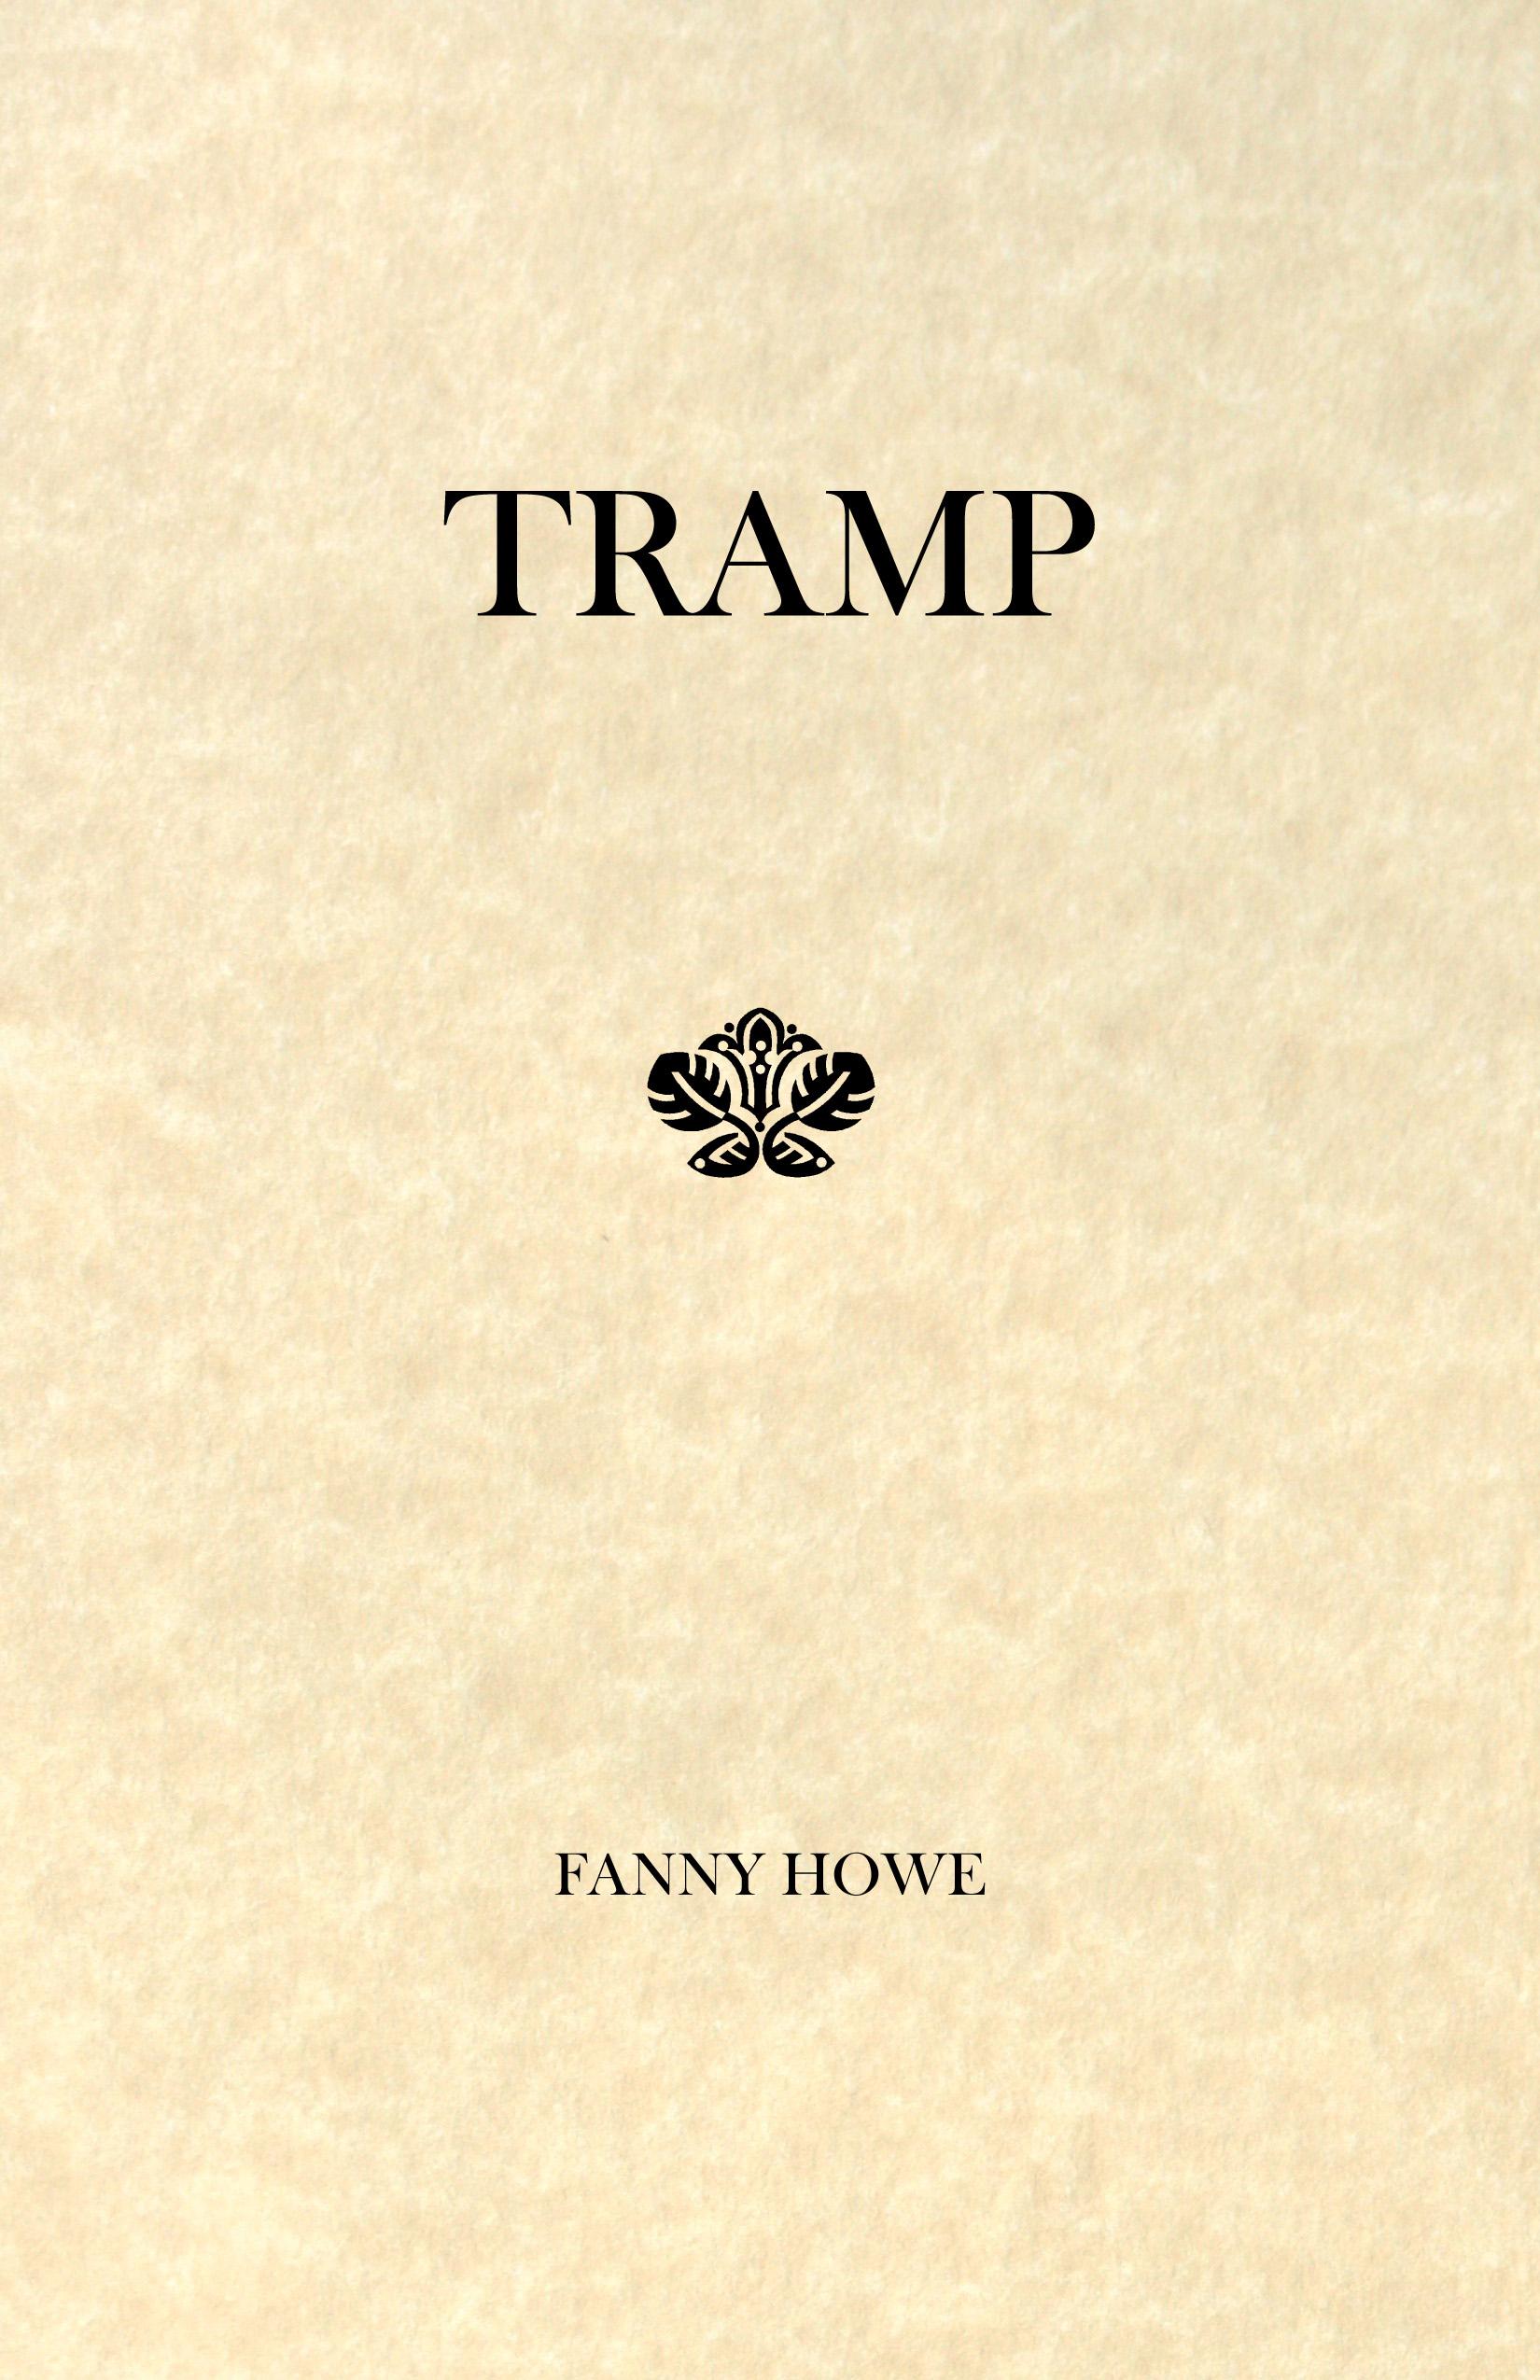 Tramp.jpg